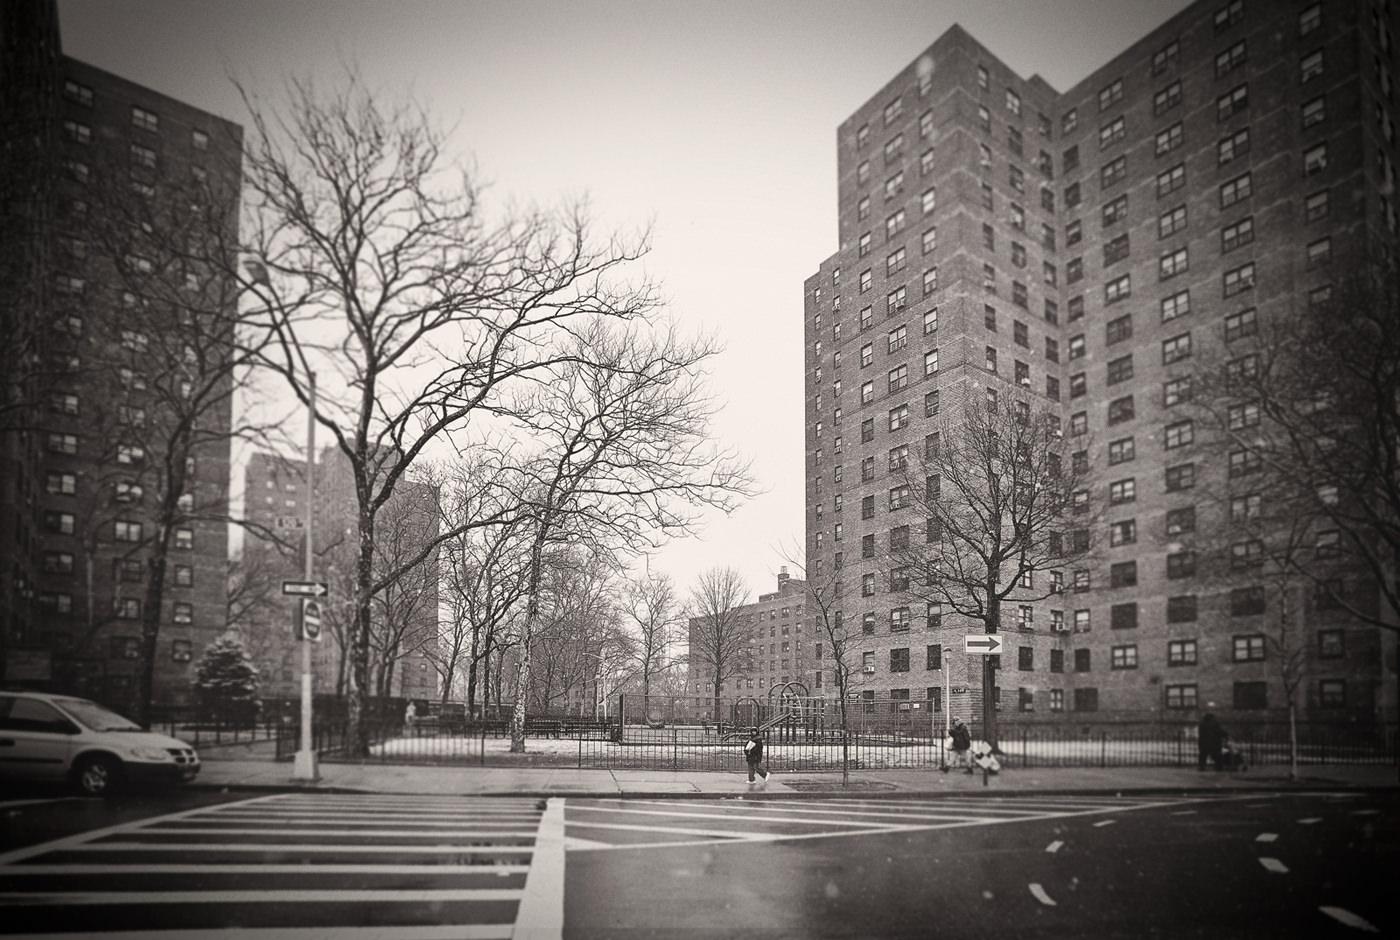 Harlem 12